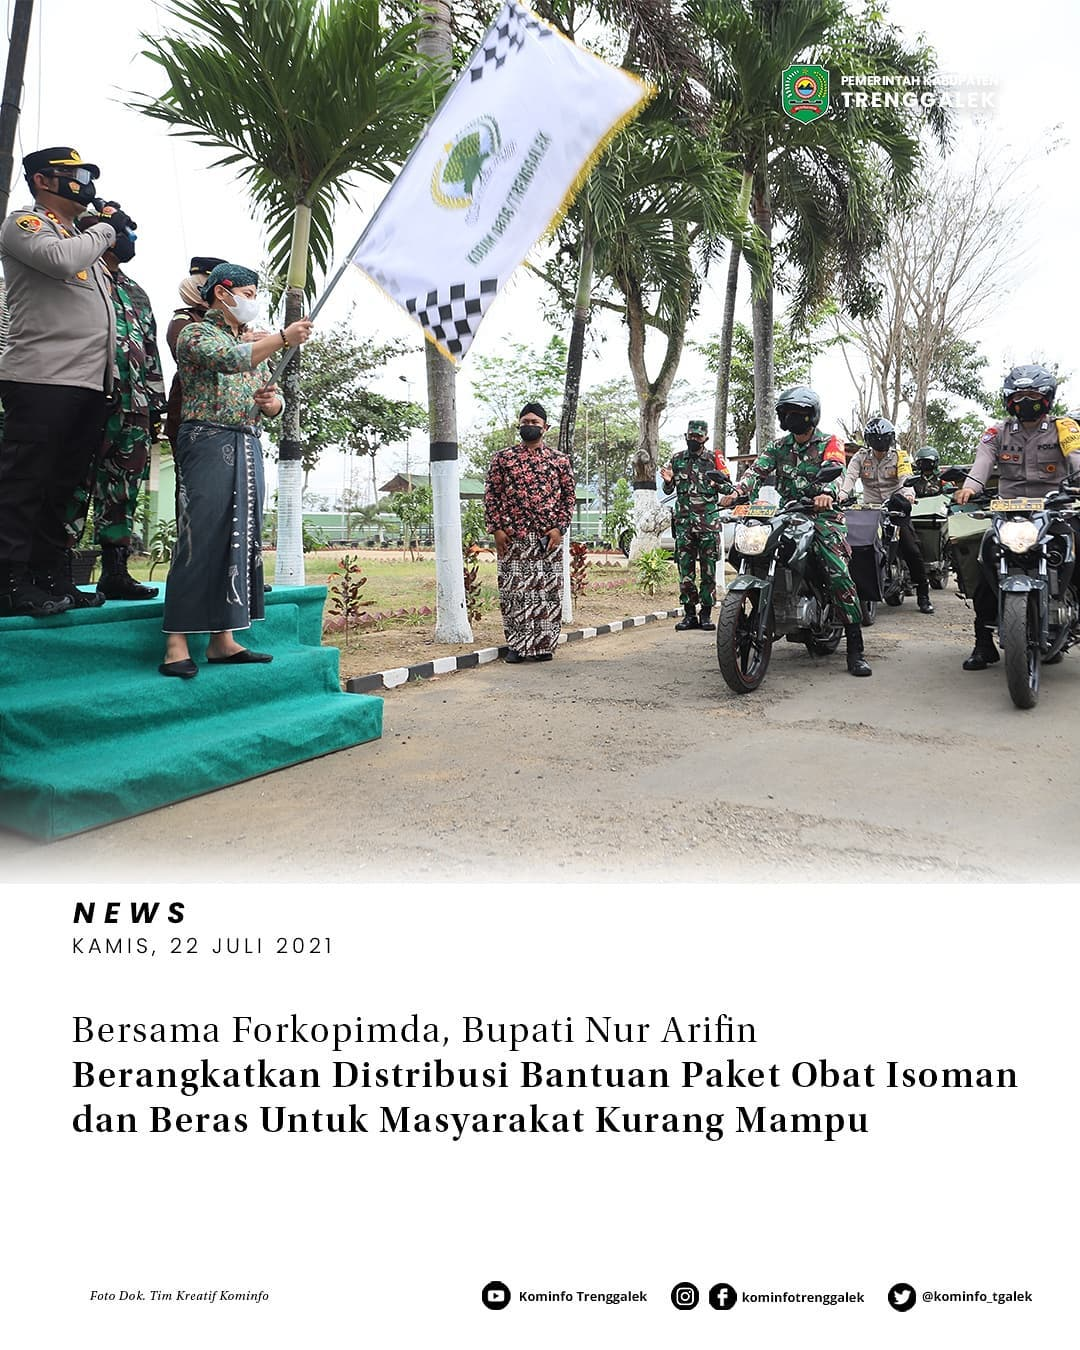 Bersama Forkopimda, Bupati Nur Arifin Berangkatkan Distribusi Bantuan Paket Obat Isoman dan Beras Untuk Masyarakat Kurang Mampu